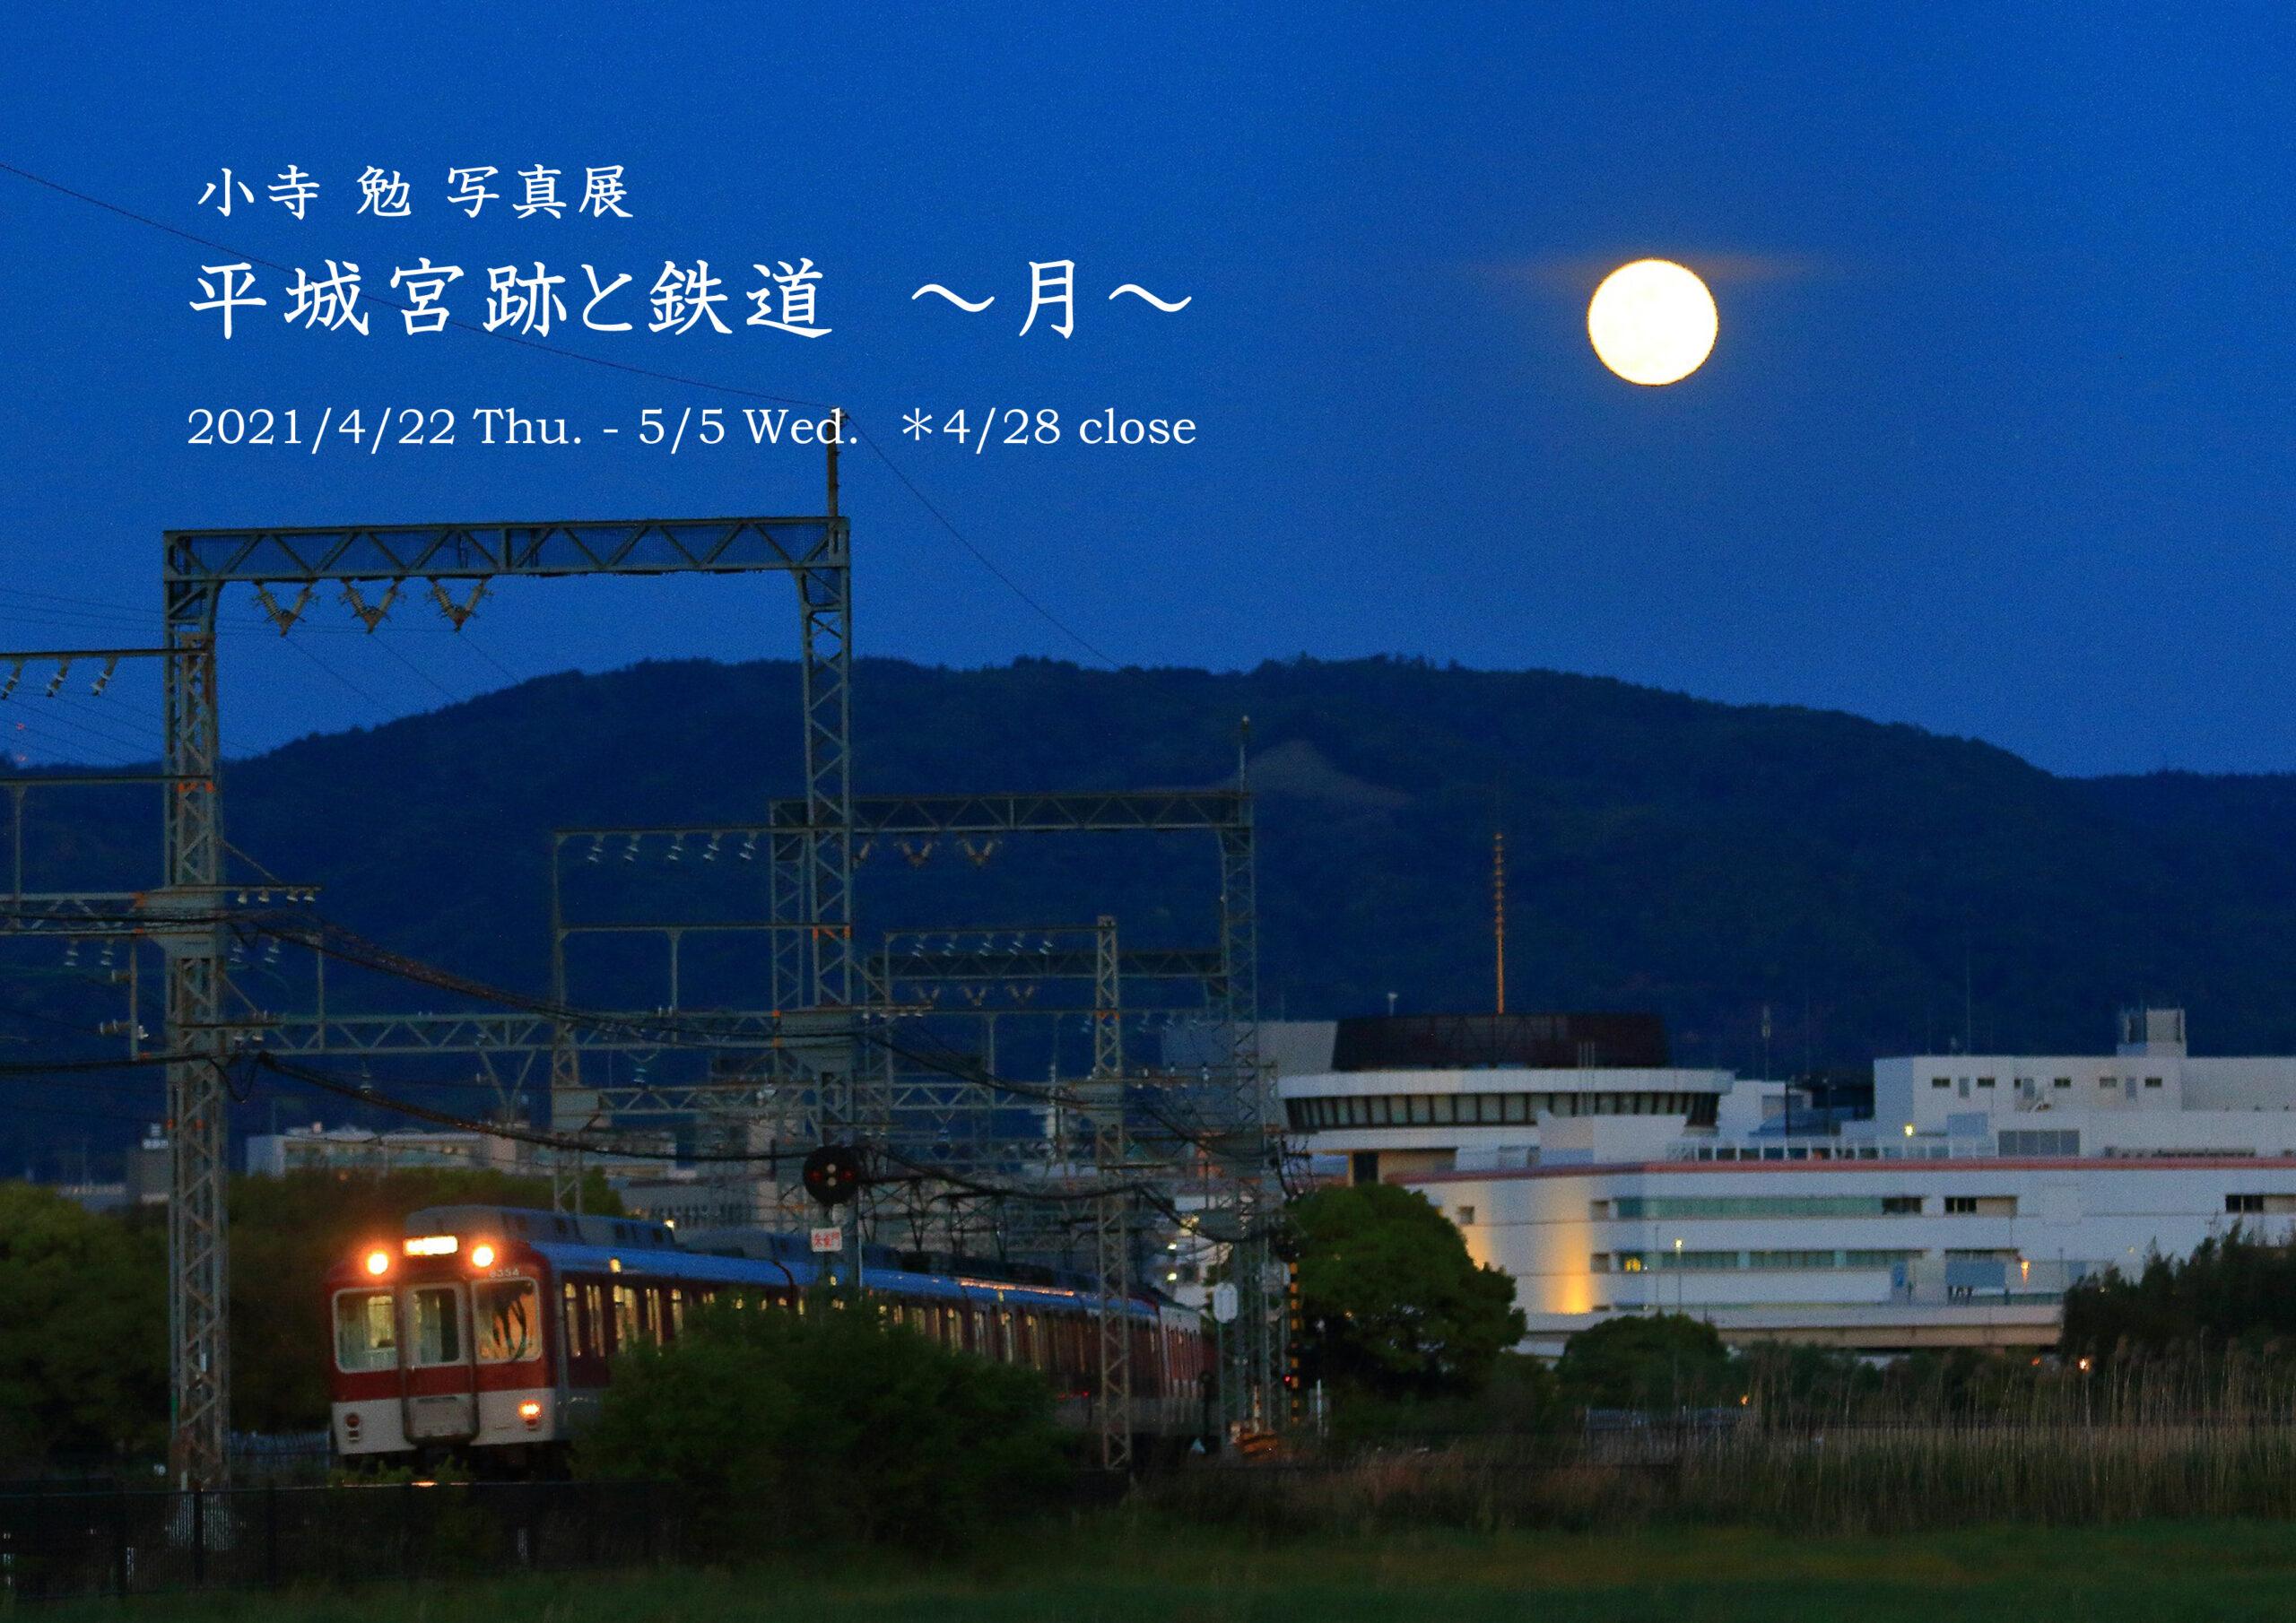 小寺勉写真展『平城宮跡と鉄道 ~月~』